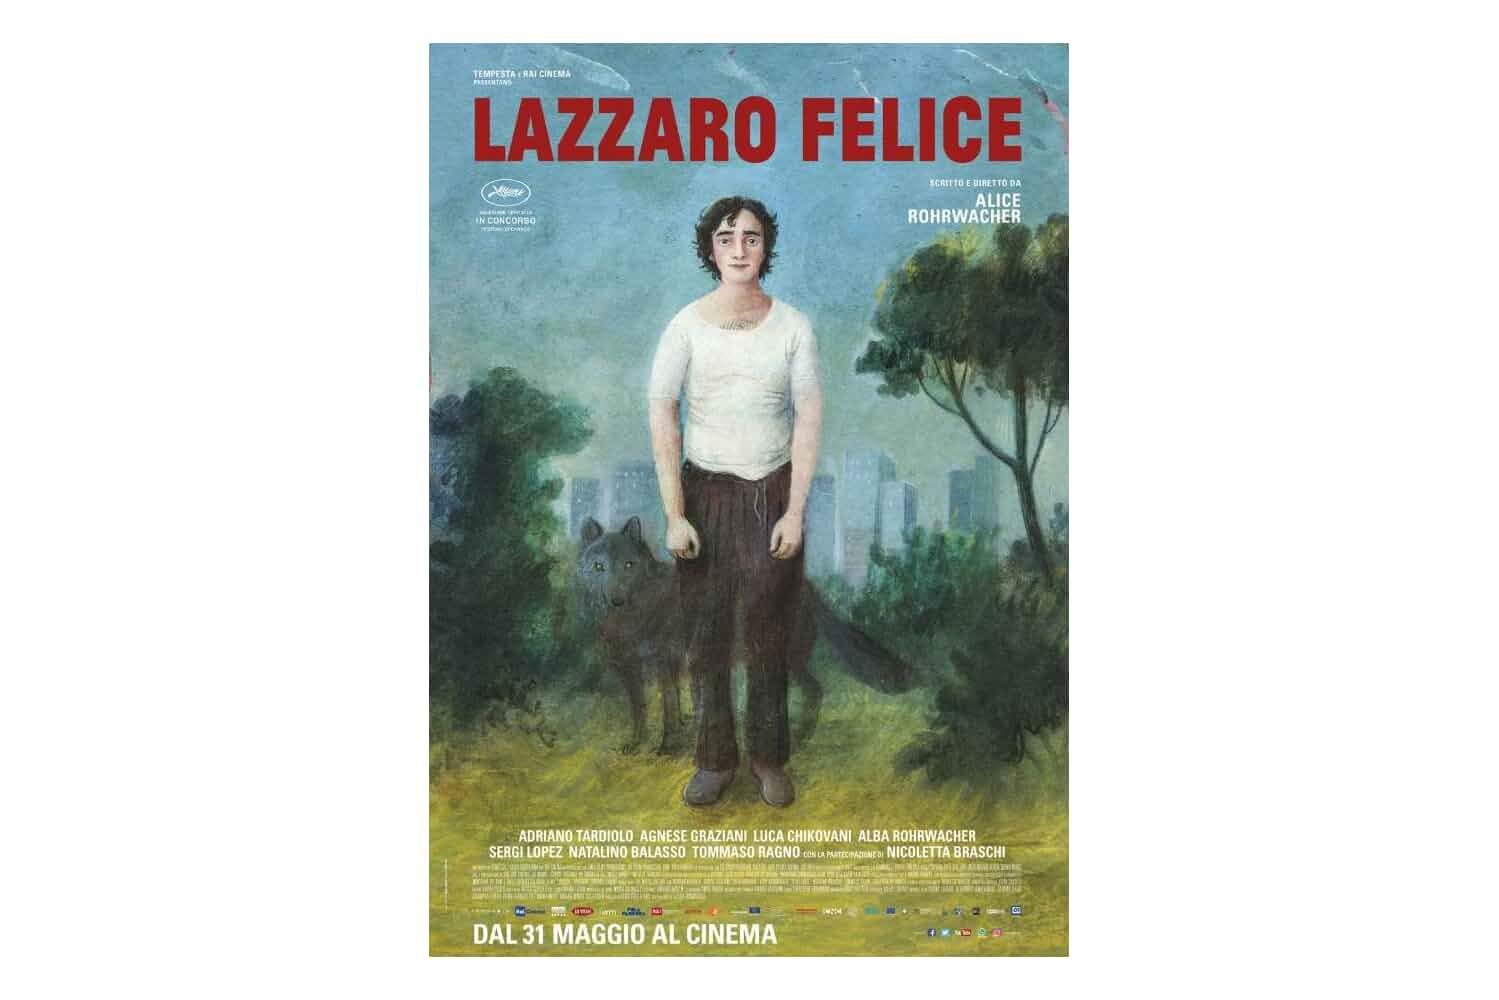 Lazzaro felice (2018)